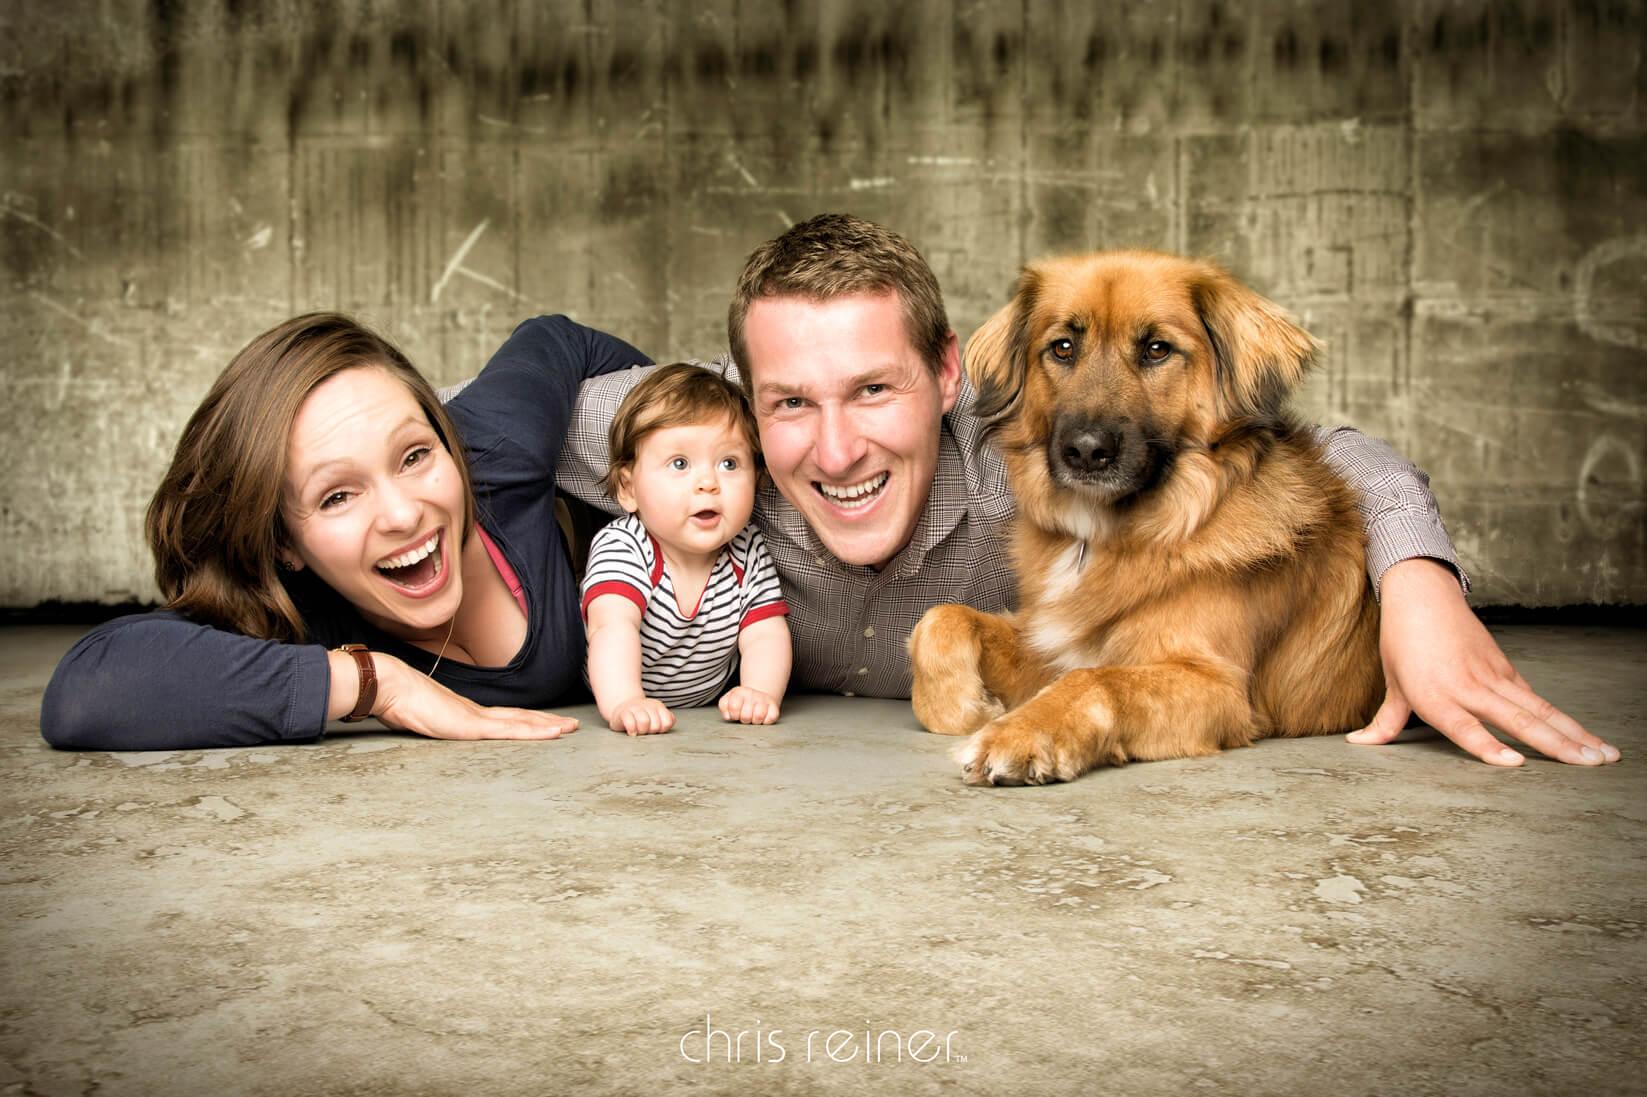 gruppenfotos familienfotos familienfotos ideen familienfotos studio. Black Bedroom Furniture Sets. Home Design Ideas